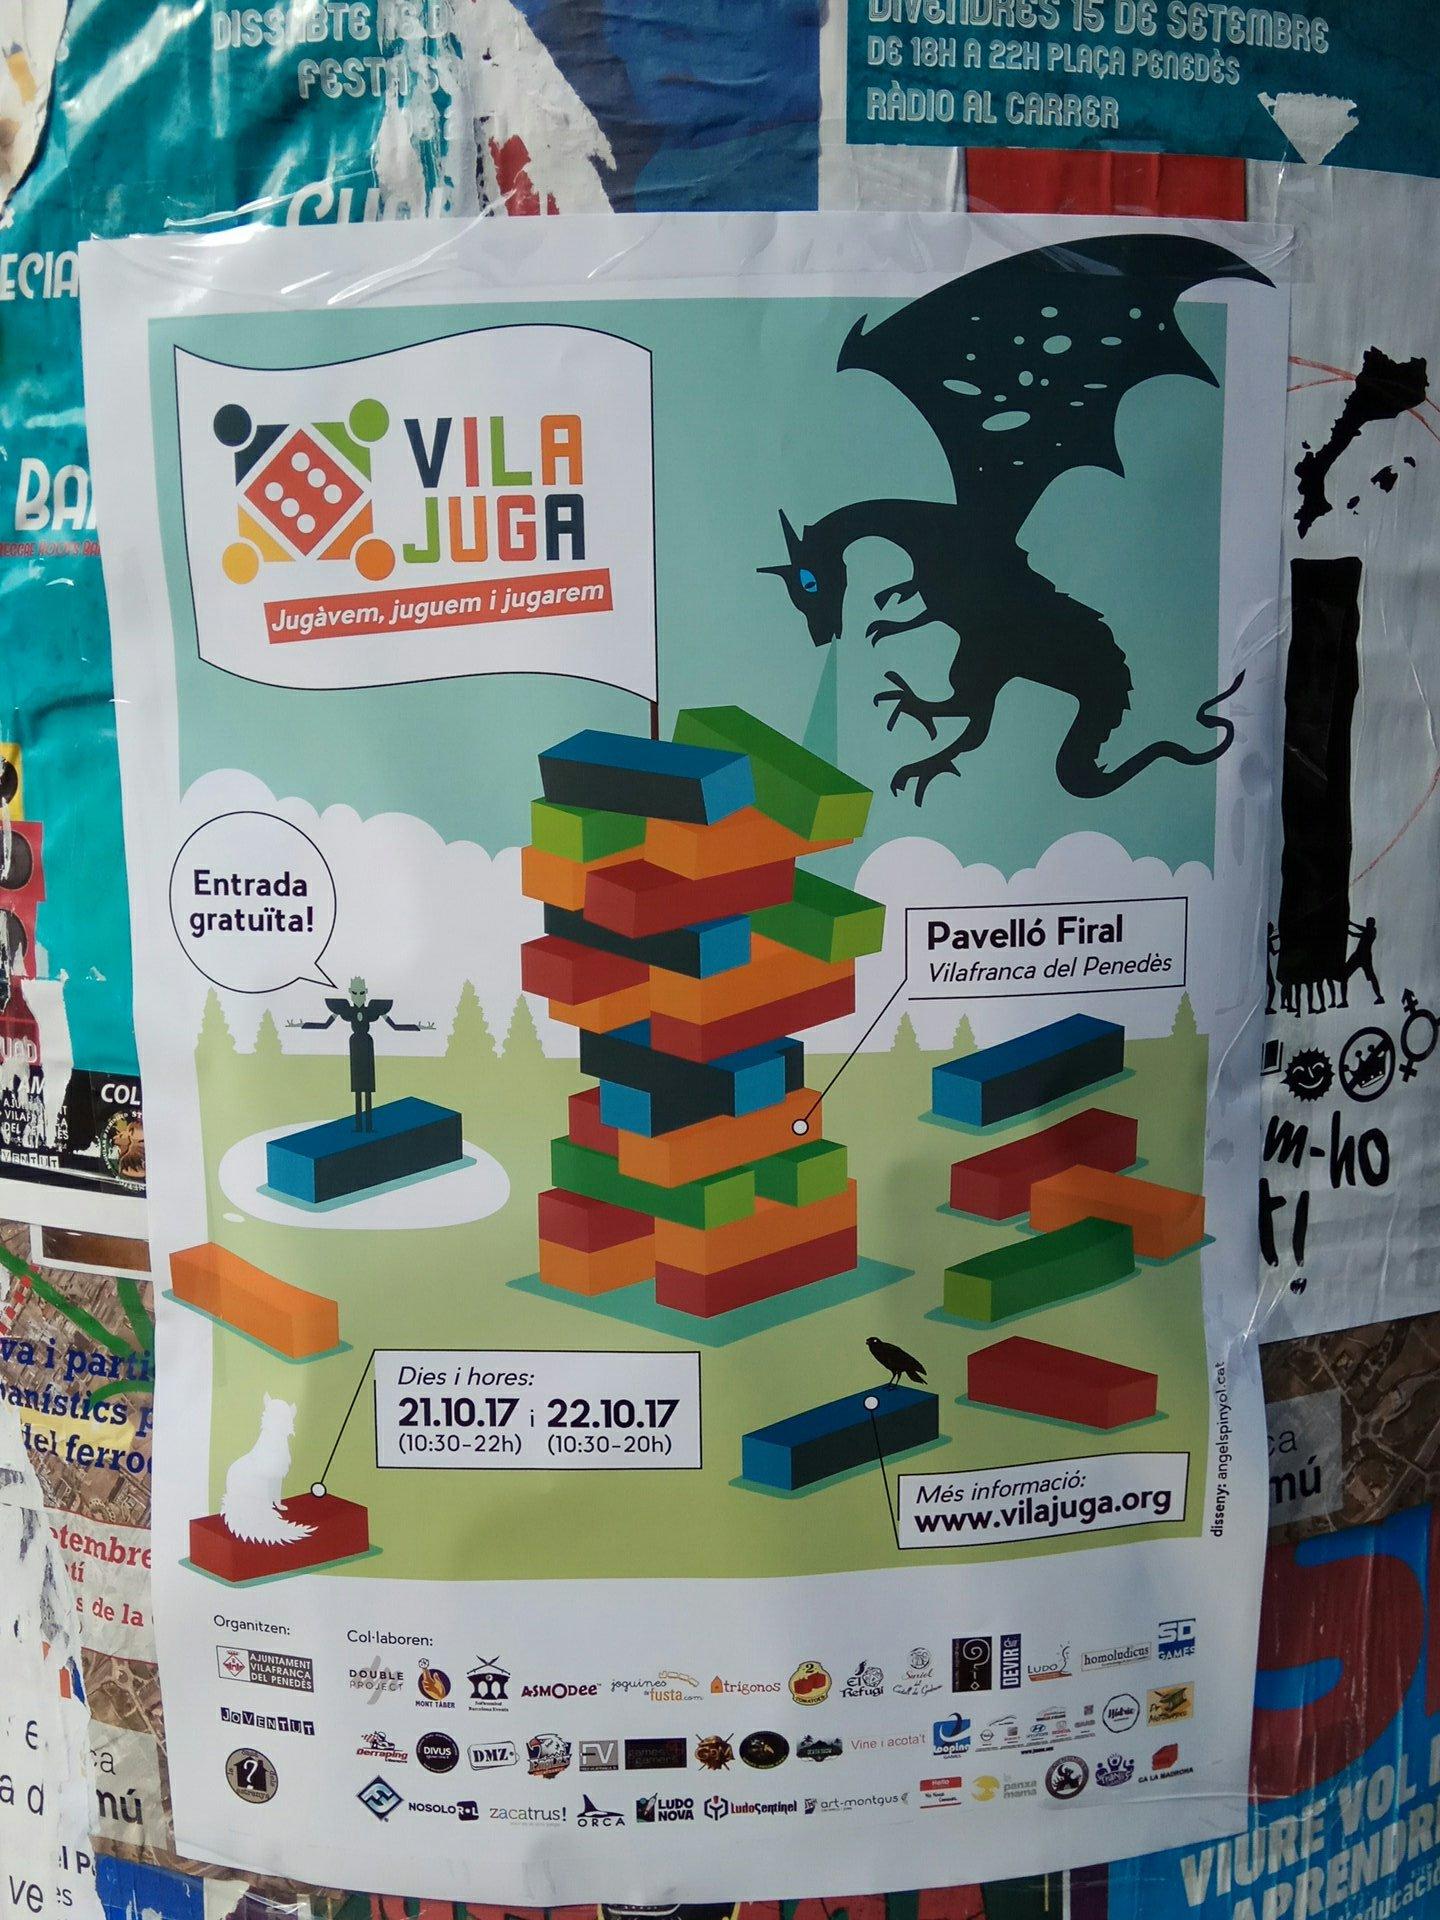 vilajuga2017poster - VILAJUGA - Disseny de la imatge gràfica de les jornades de jocs de Vilafranca del Penedès